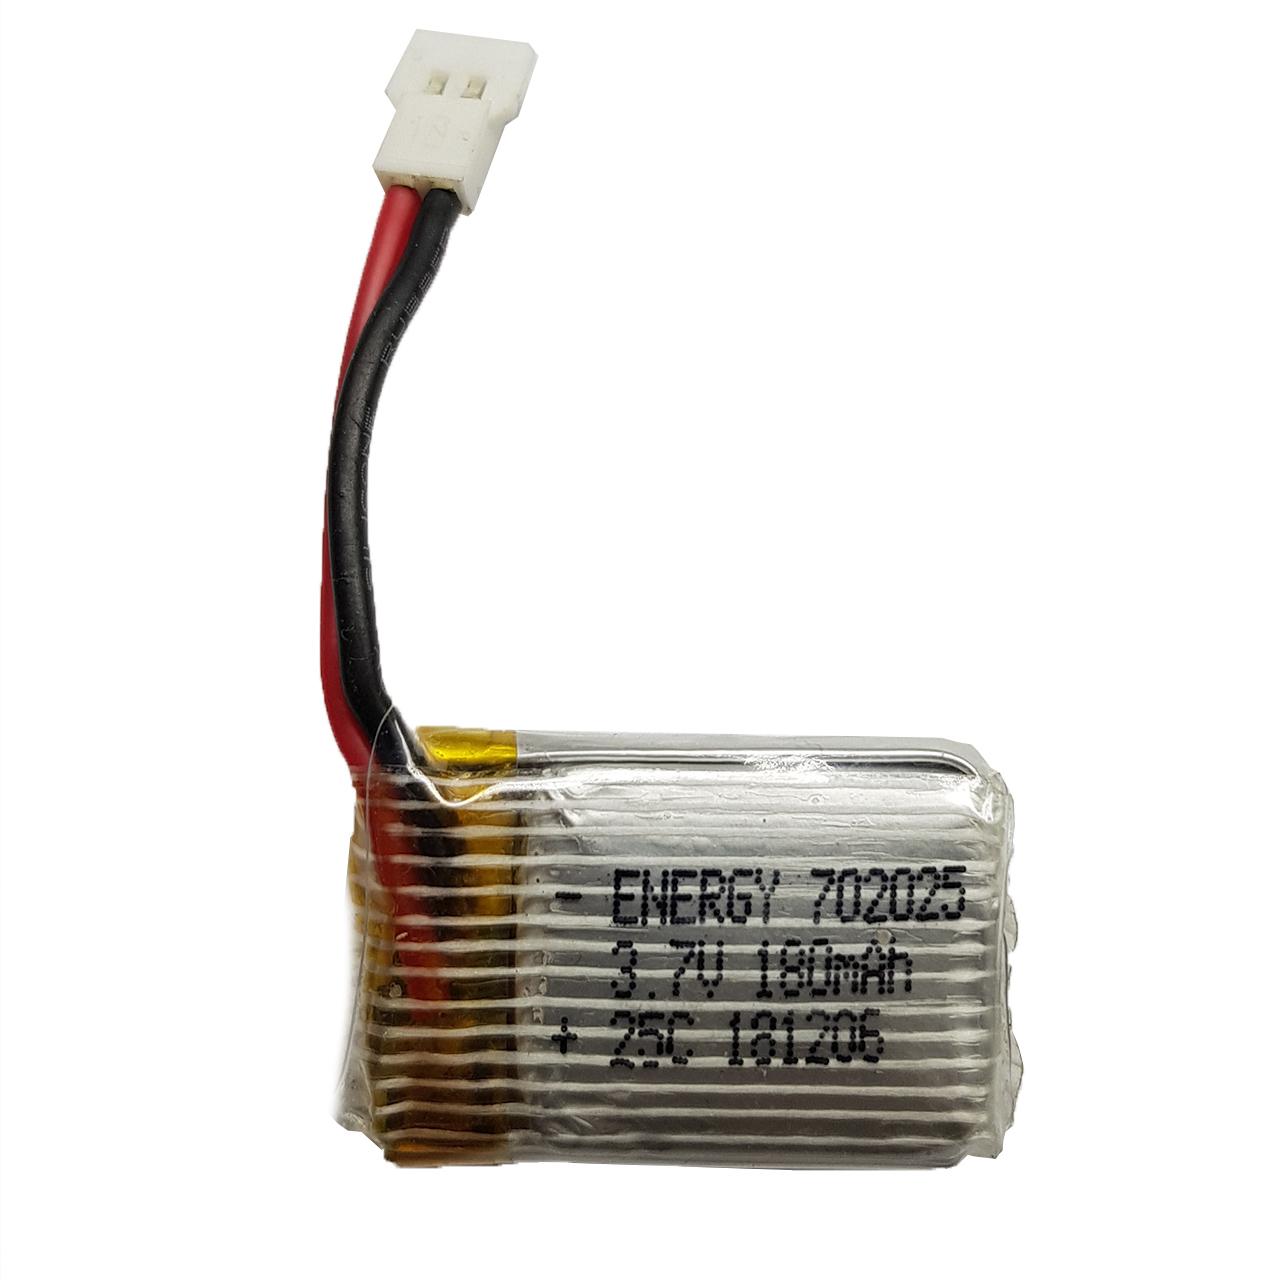 باتری لیتیومی مدل HP-702025 ظرفیت 180 میلی آمپر ساعت